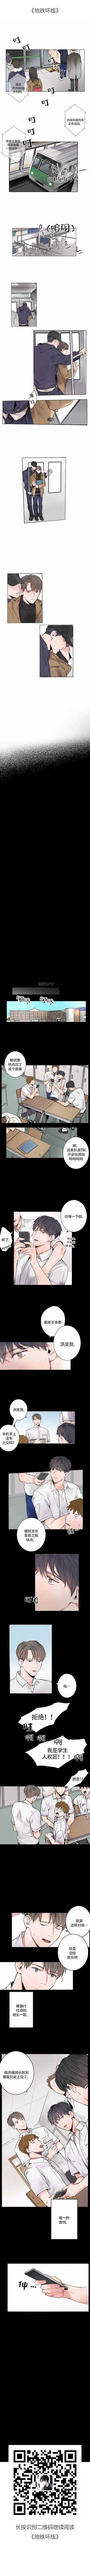 《地铁环线》最新韩漫耽美漫画上线 加豆社全集免费在线阅读 第一话